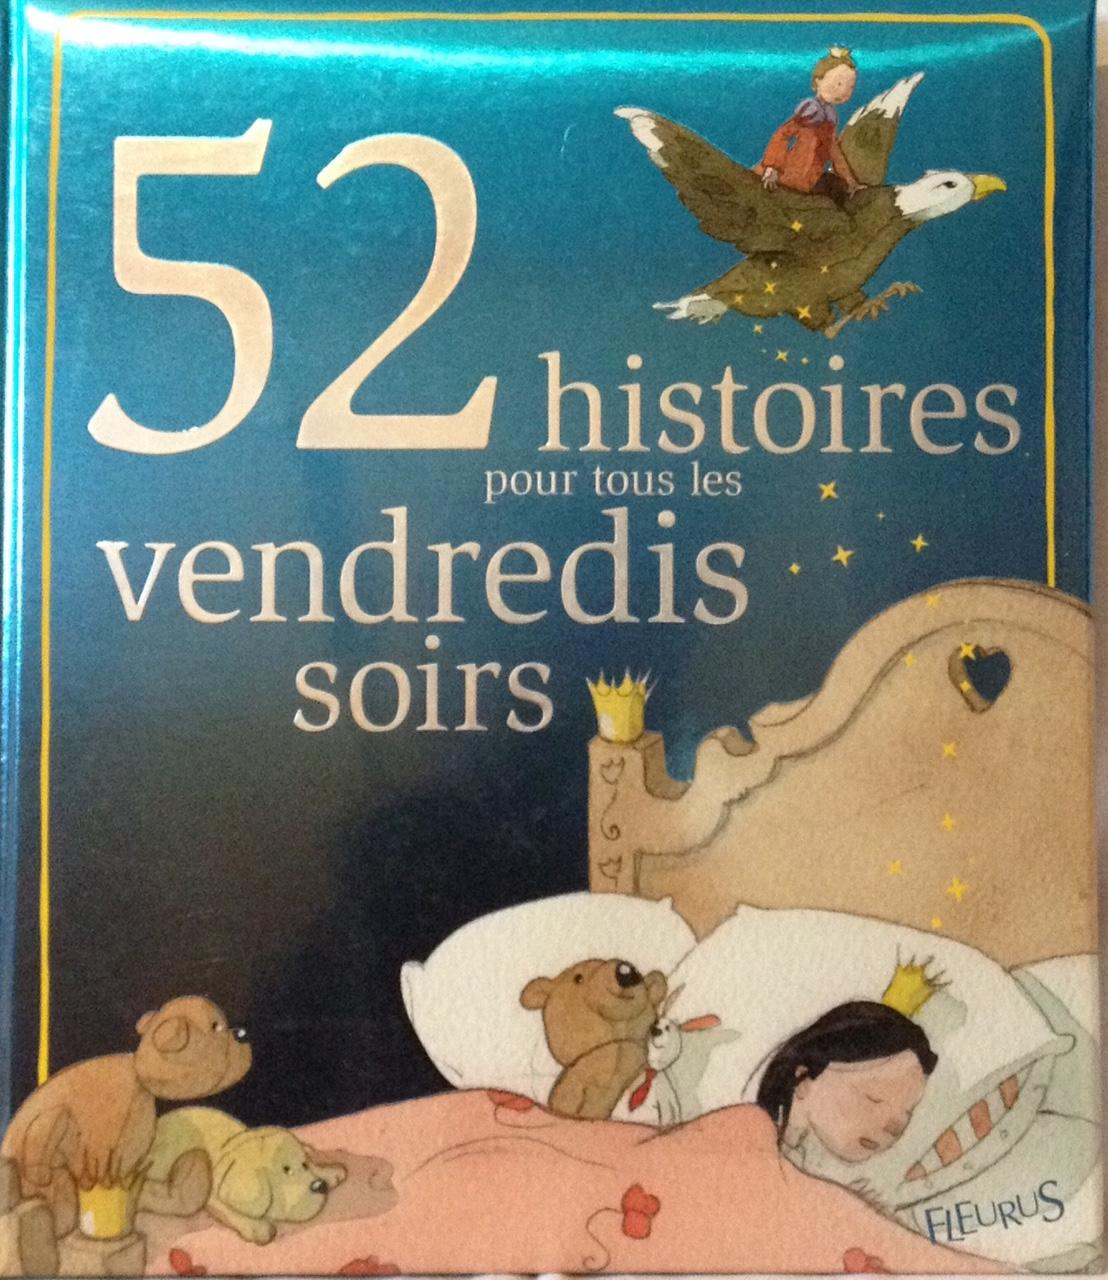 52-histoires-pour-tous-les-vendredis-soirs